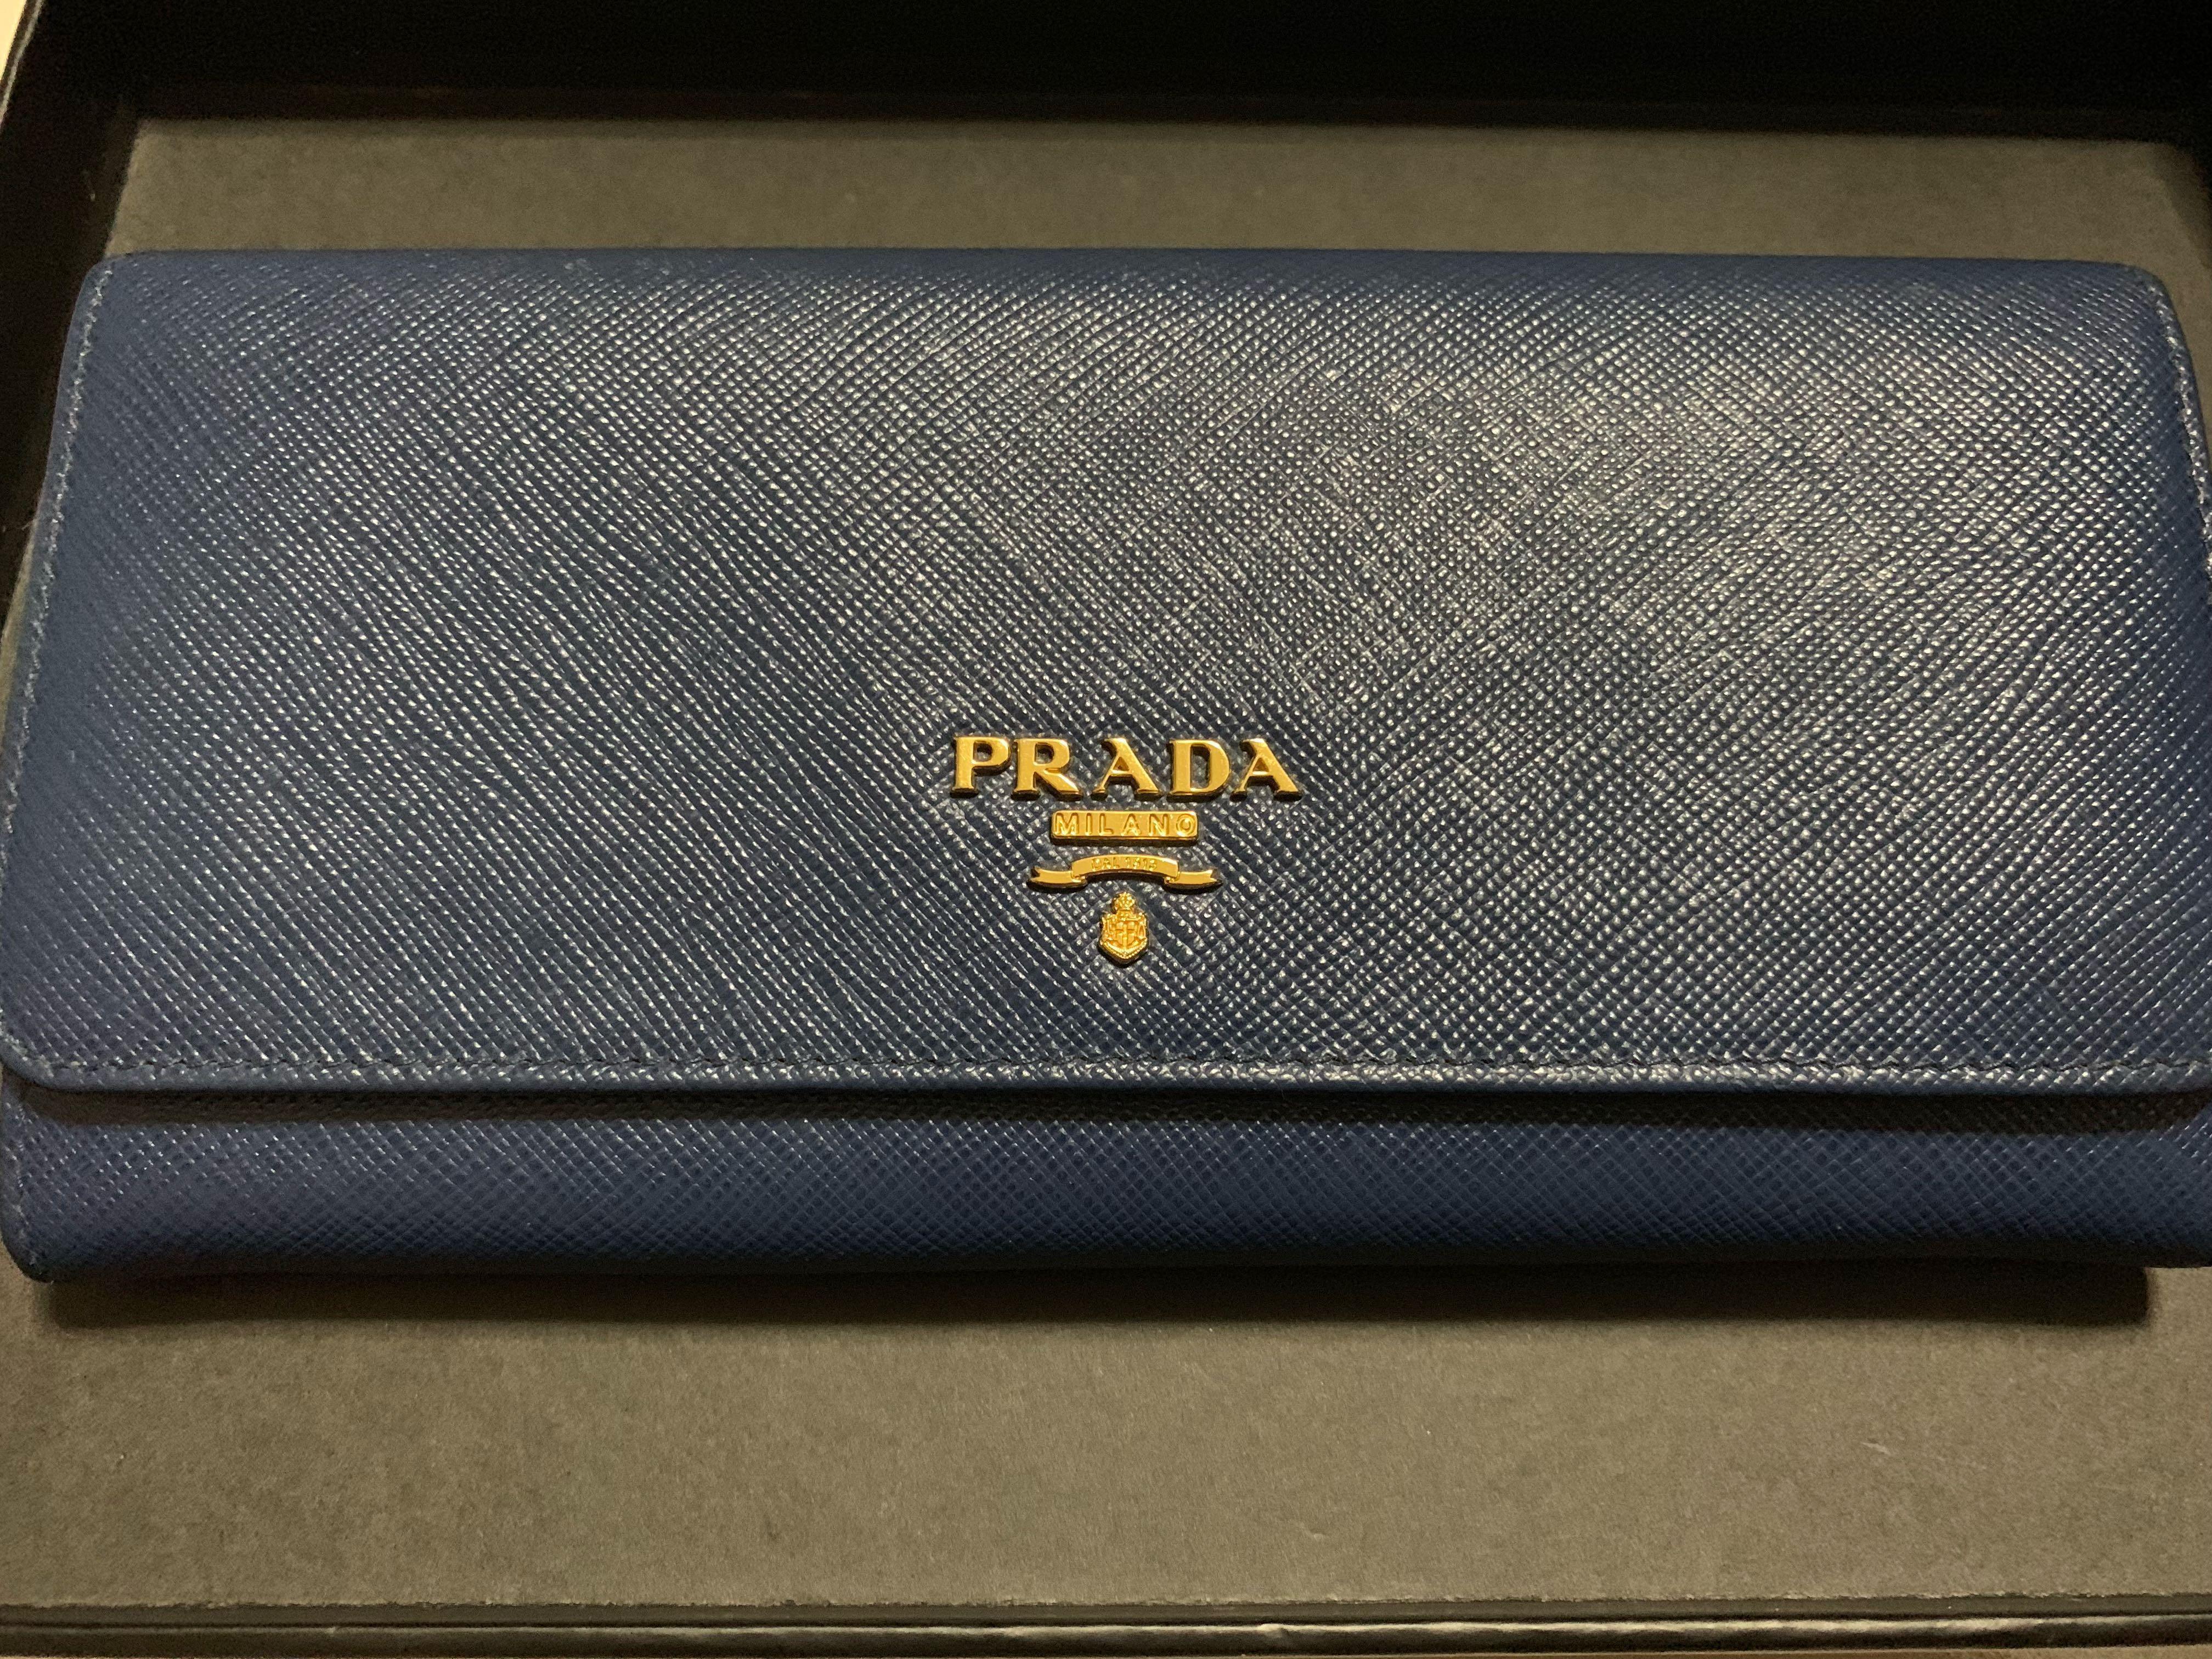 272f0112796f Prada Saffiano Metal Wallet (Bluette), Luxury, Bags & Wallets ...